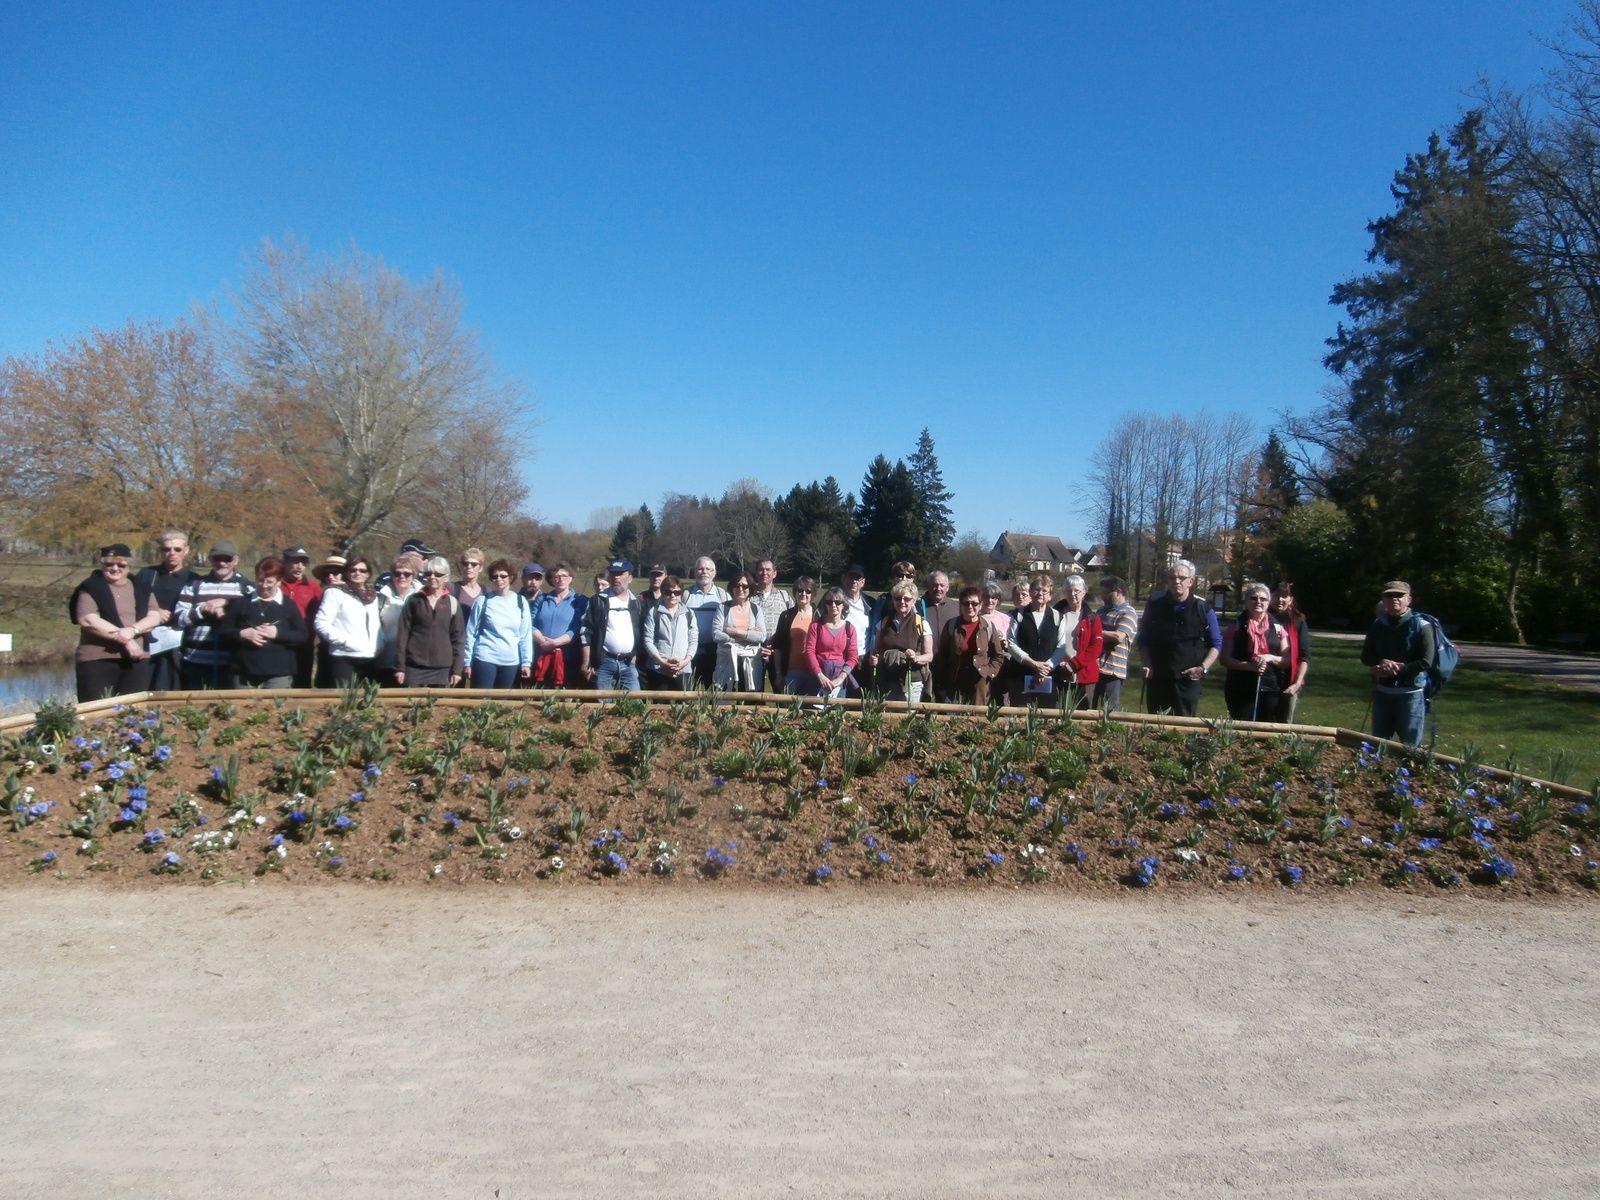 On commence par une photo de groupe avant de sortir de cette esplanade.